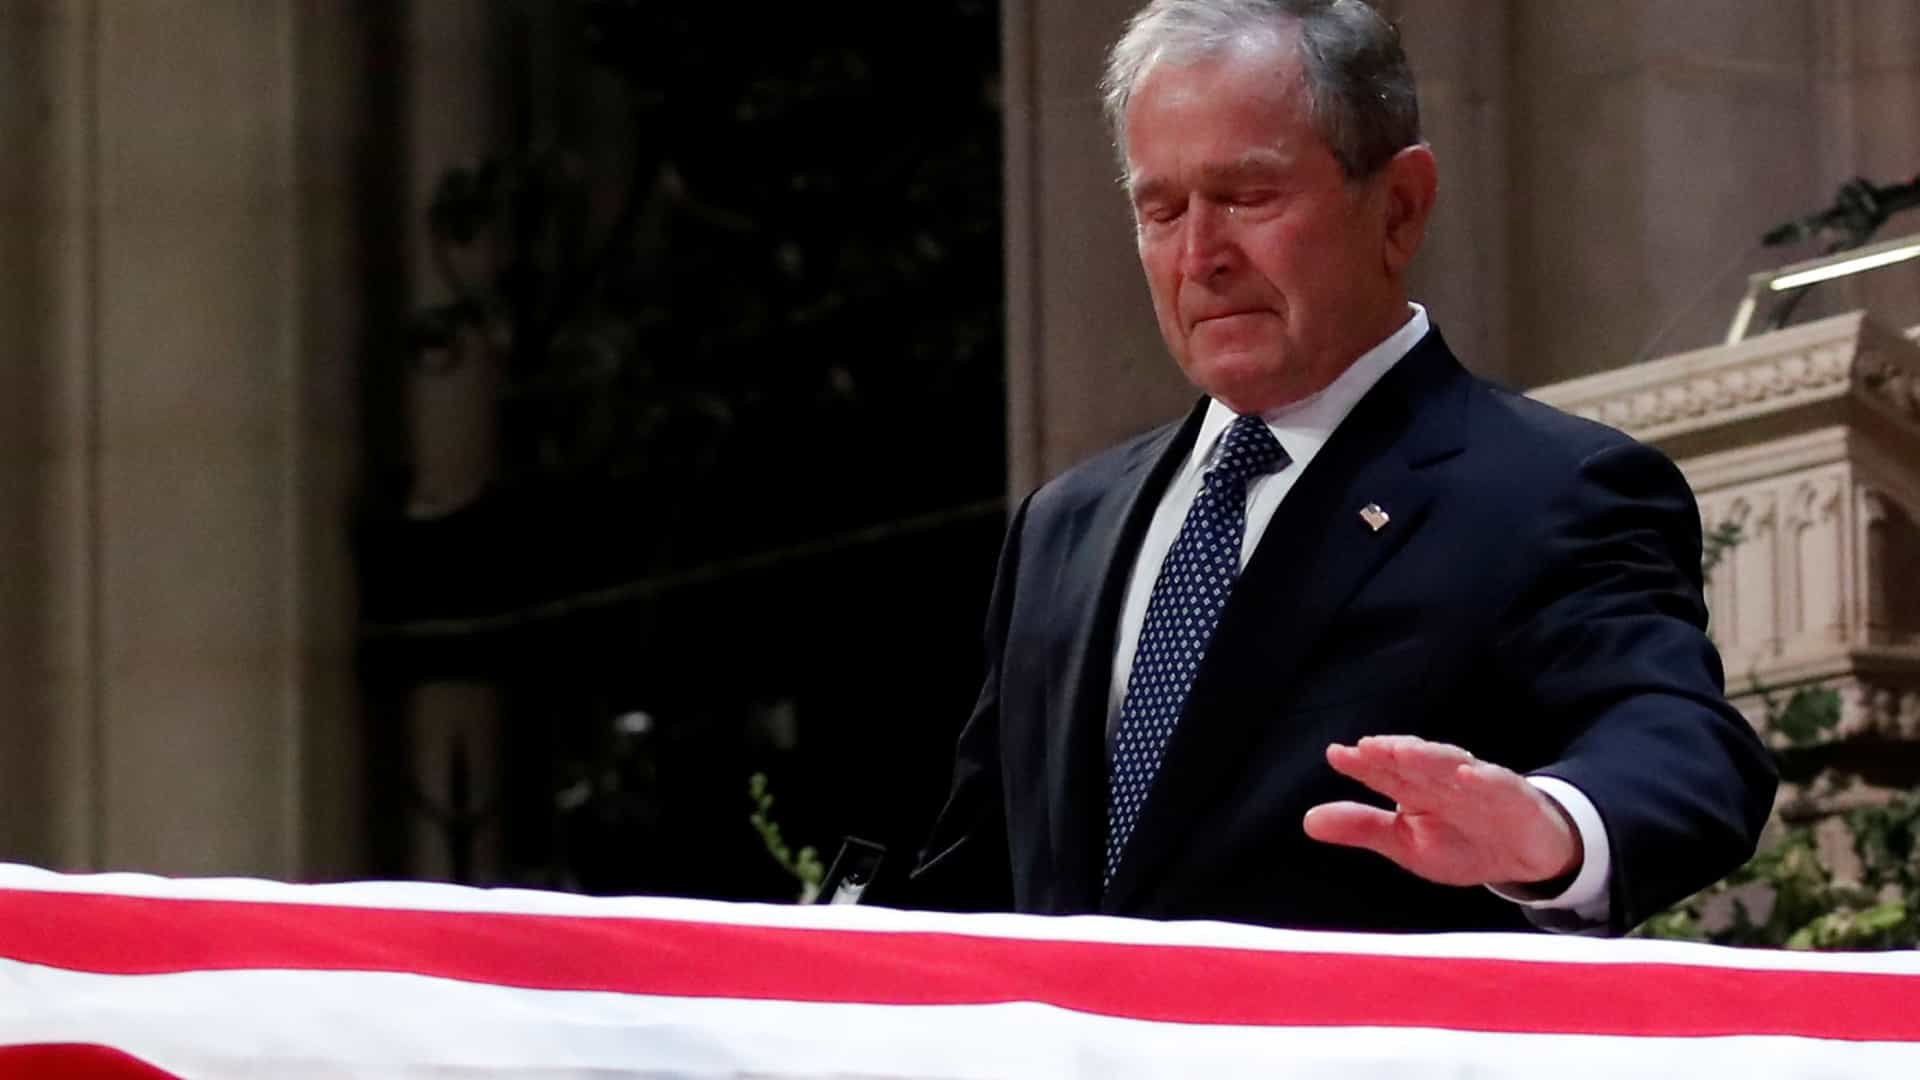 De filho para pai, de um presidente para outro. O emotivo adeus de Bush